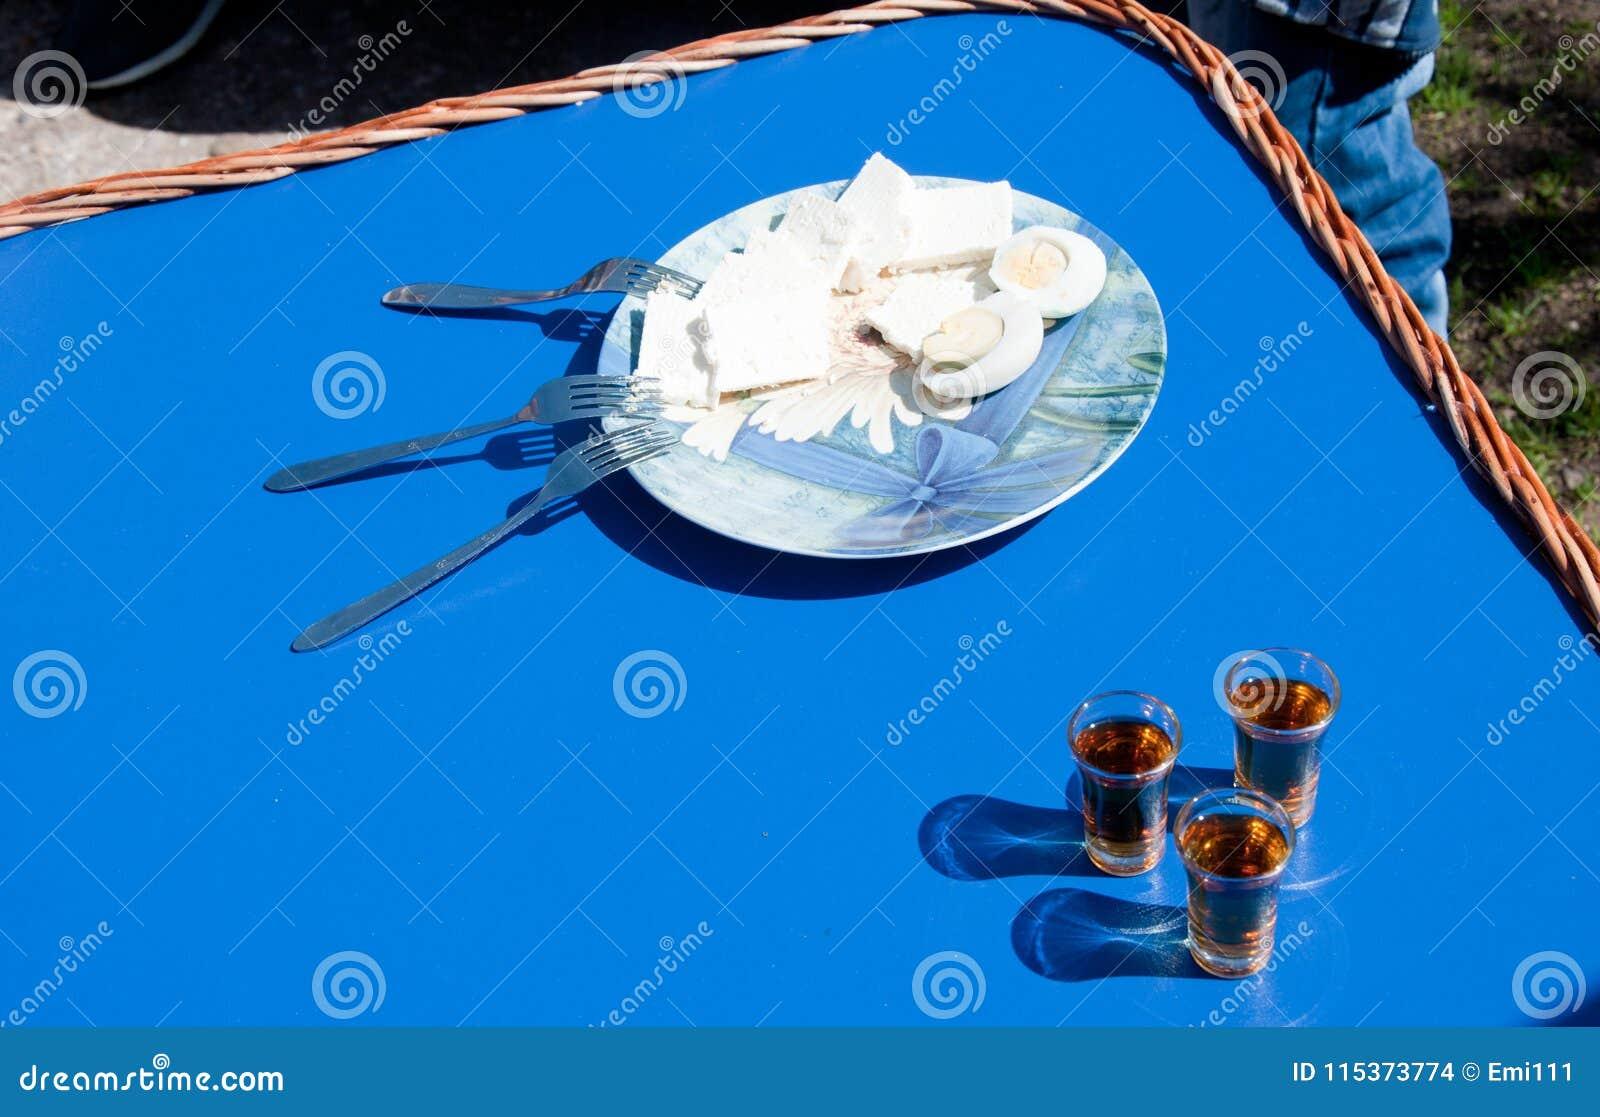 Queso y huevos hervidos en la placa con tres bifurcaciones y tres pequeños vidrios de brandy